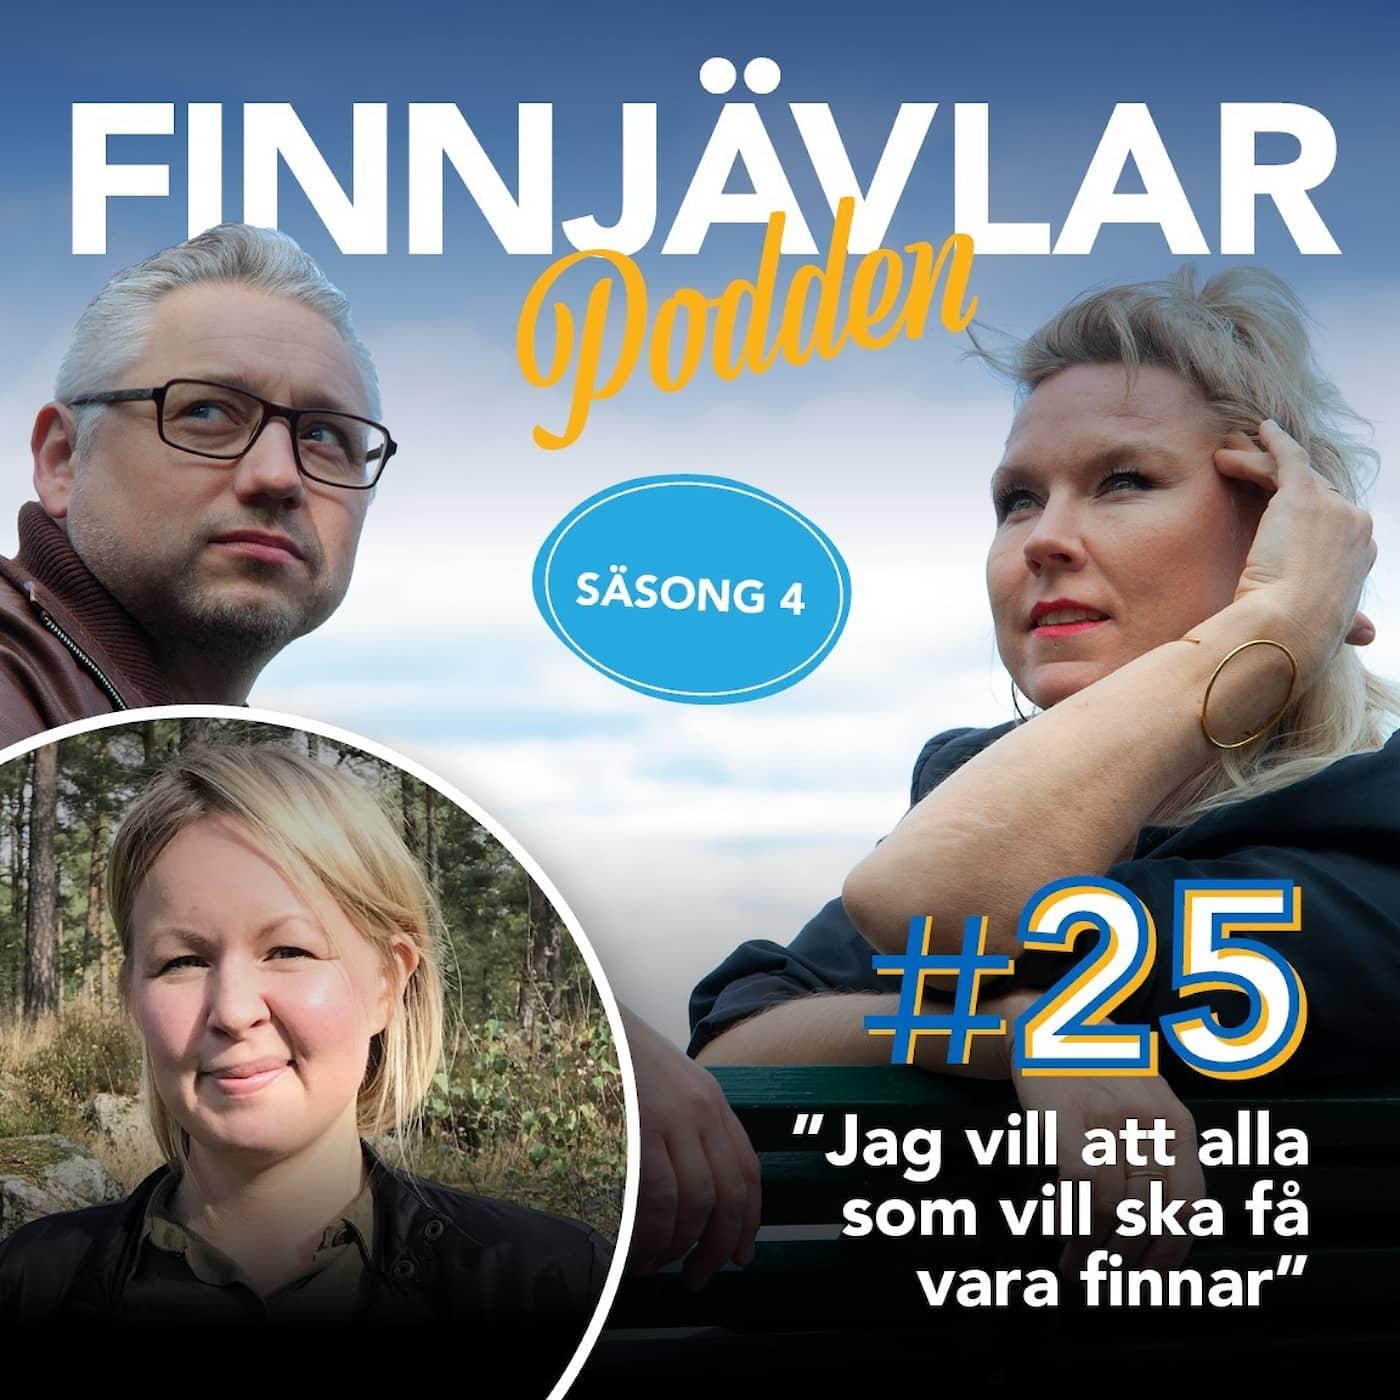 """Finnjävlarpodden #25 """"Jag skulle vilja se en inkluderande sverigefinskhet så att alla som vill får vara finnar"""""""